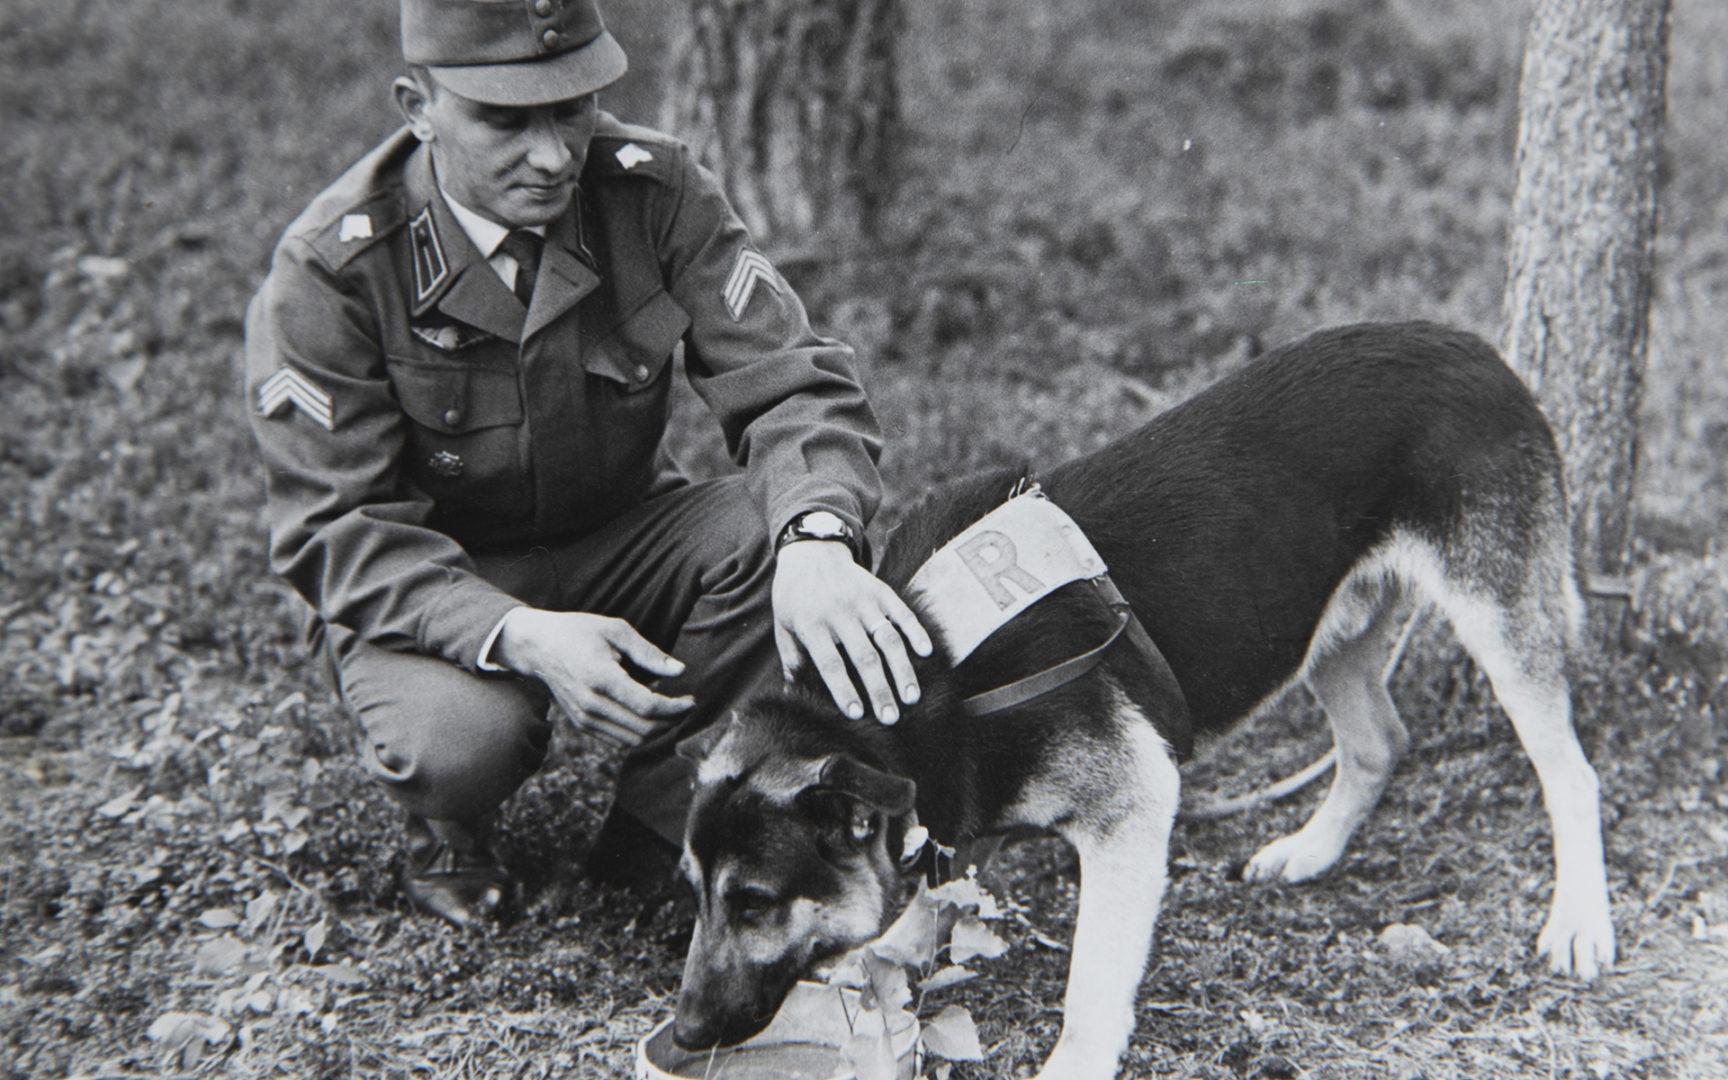 Antti Leivo oli ylpeä Pojusta, jonka hän oli kouluttanut pennusta saakka. Se oli hänen taitavin koiransa koskaan. Leivo tapasikin sanoa, että Pojulta puuttui vain puhekyky.